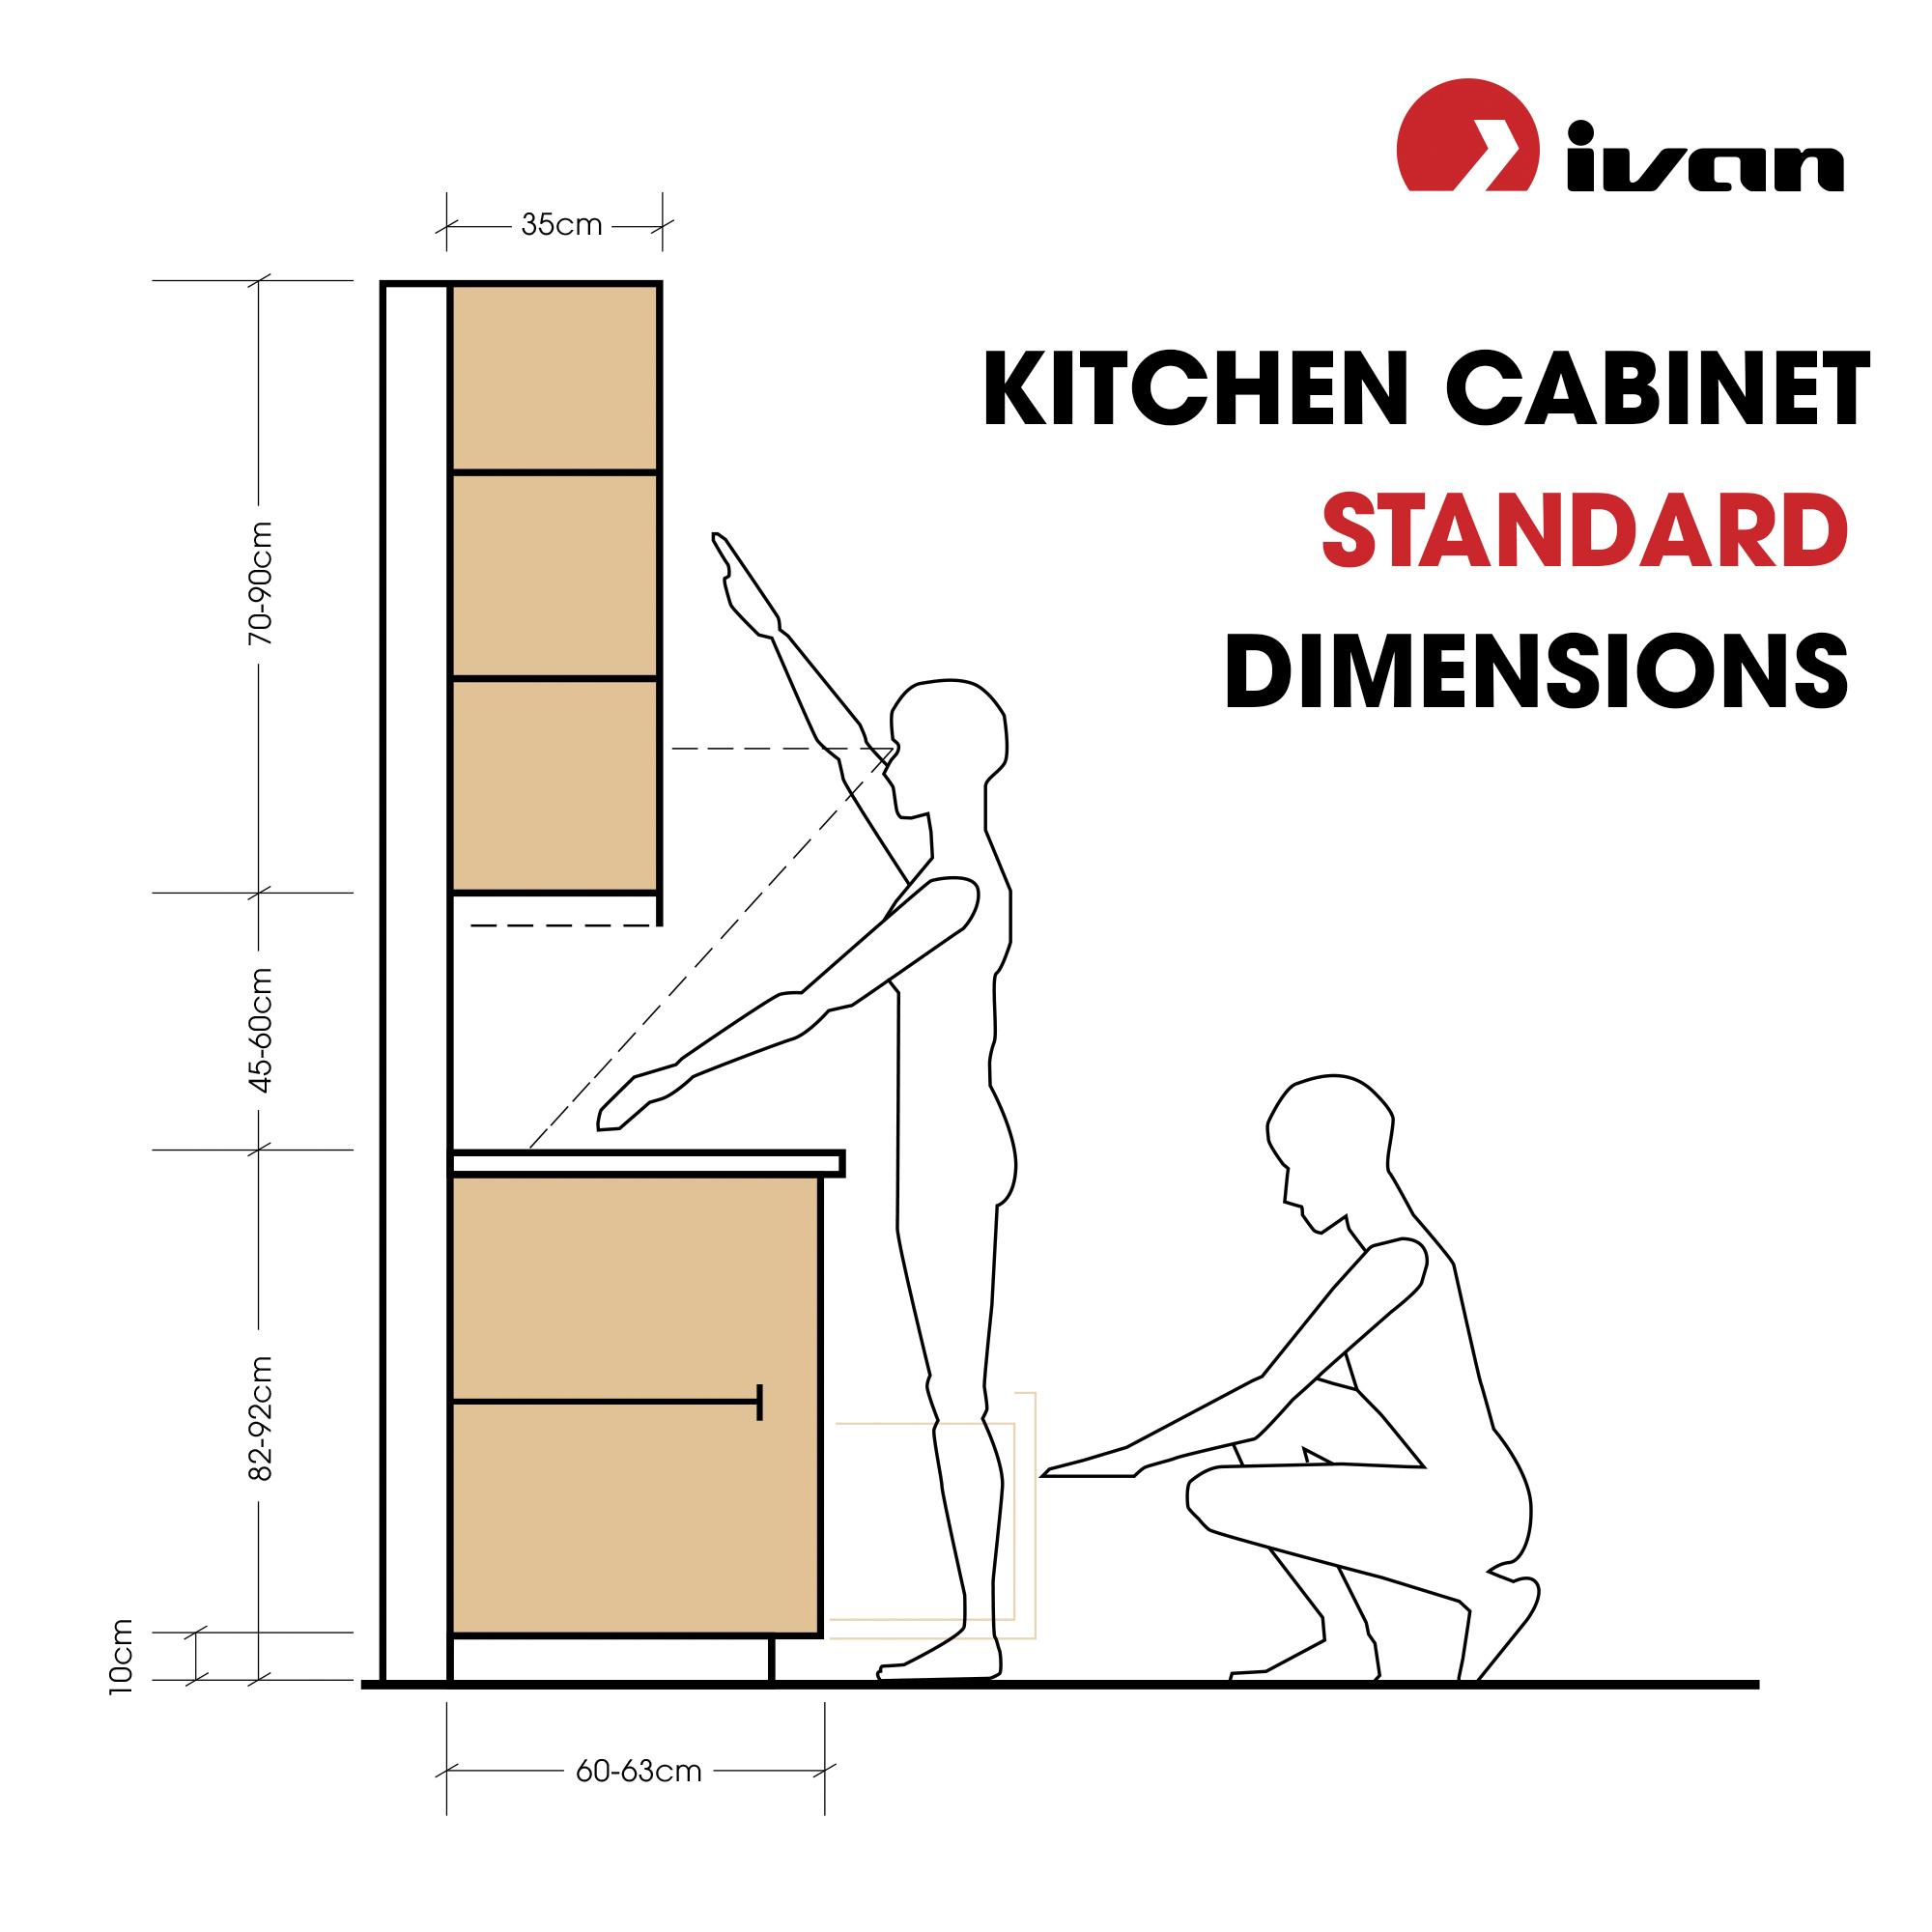 standard kitchen cabinet demensions